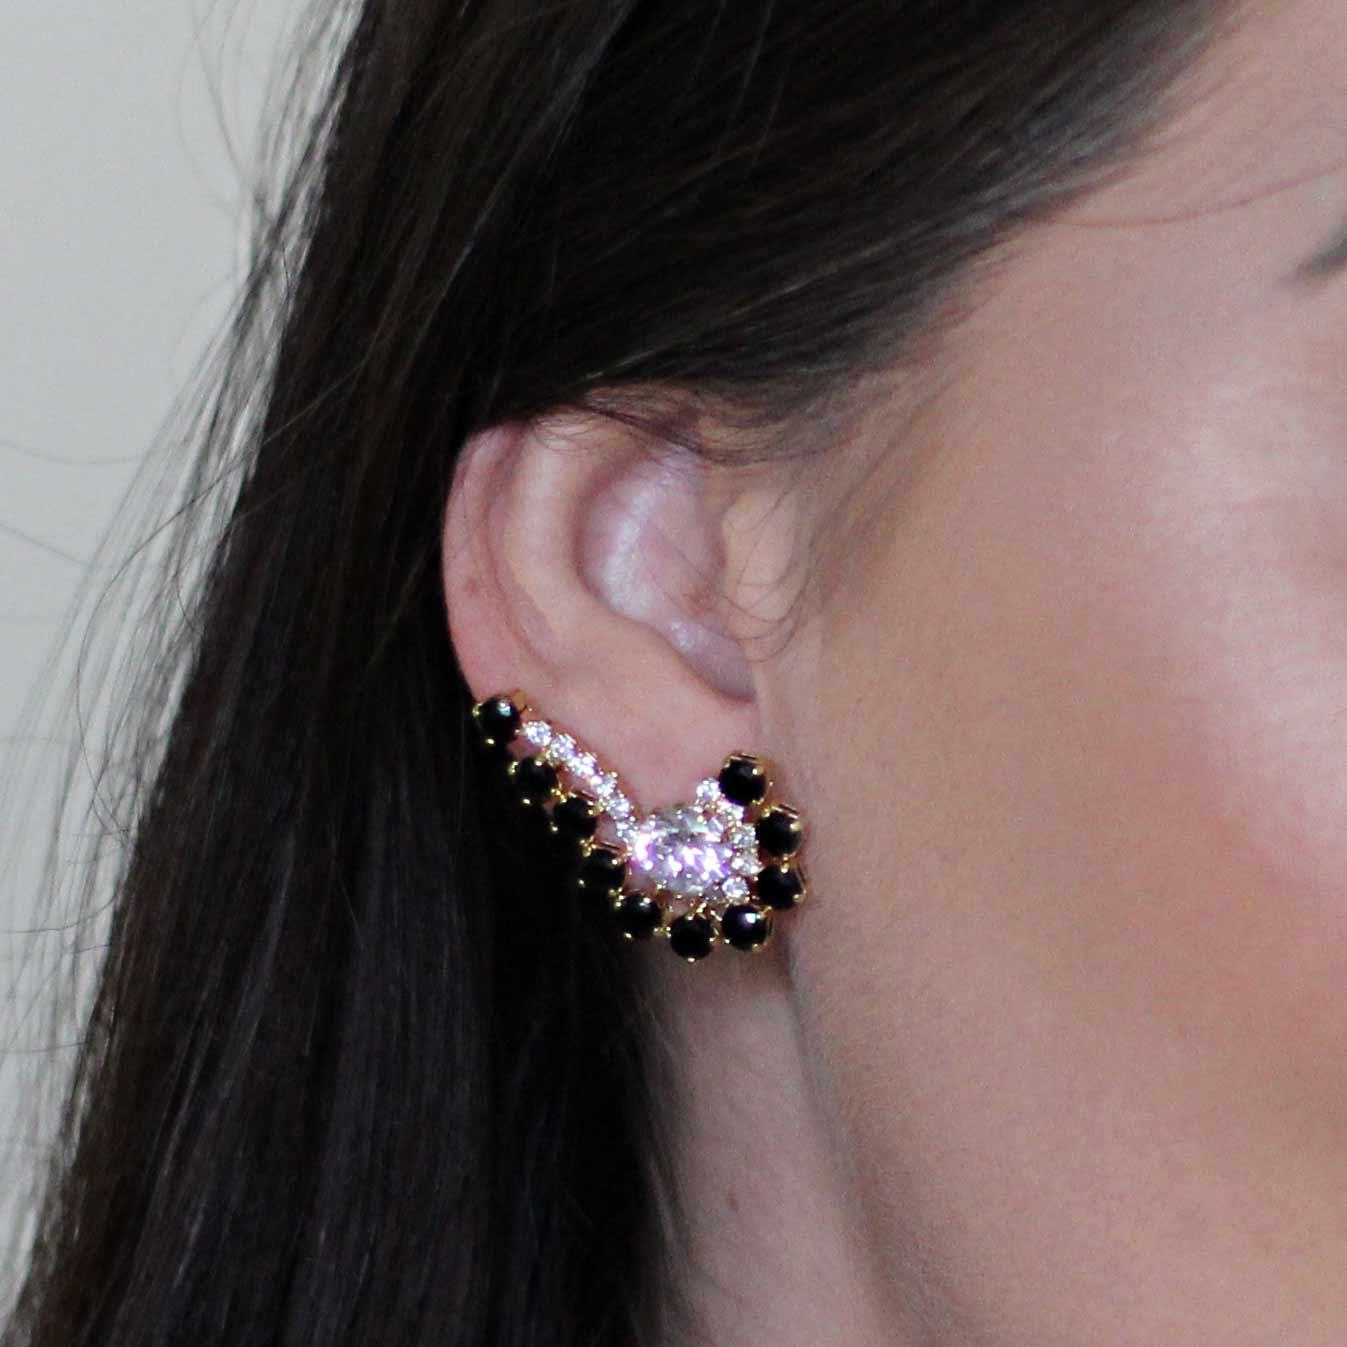 Brinco Semijoia Ear Cuff com Aplicações em Zircônias e Cristais Folheado a Ouro 18K